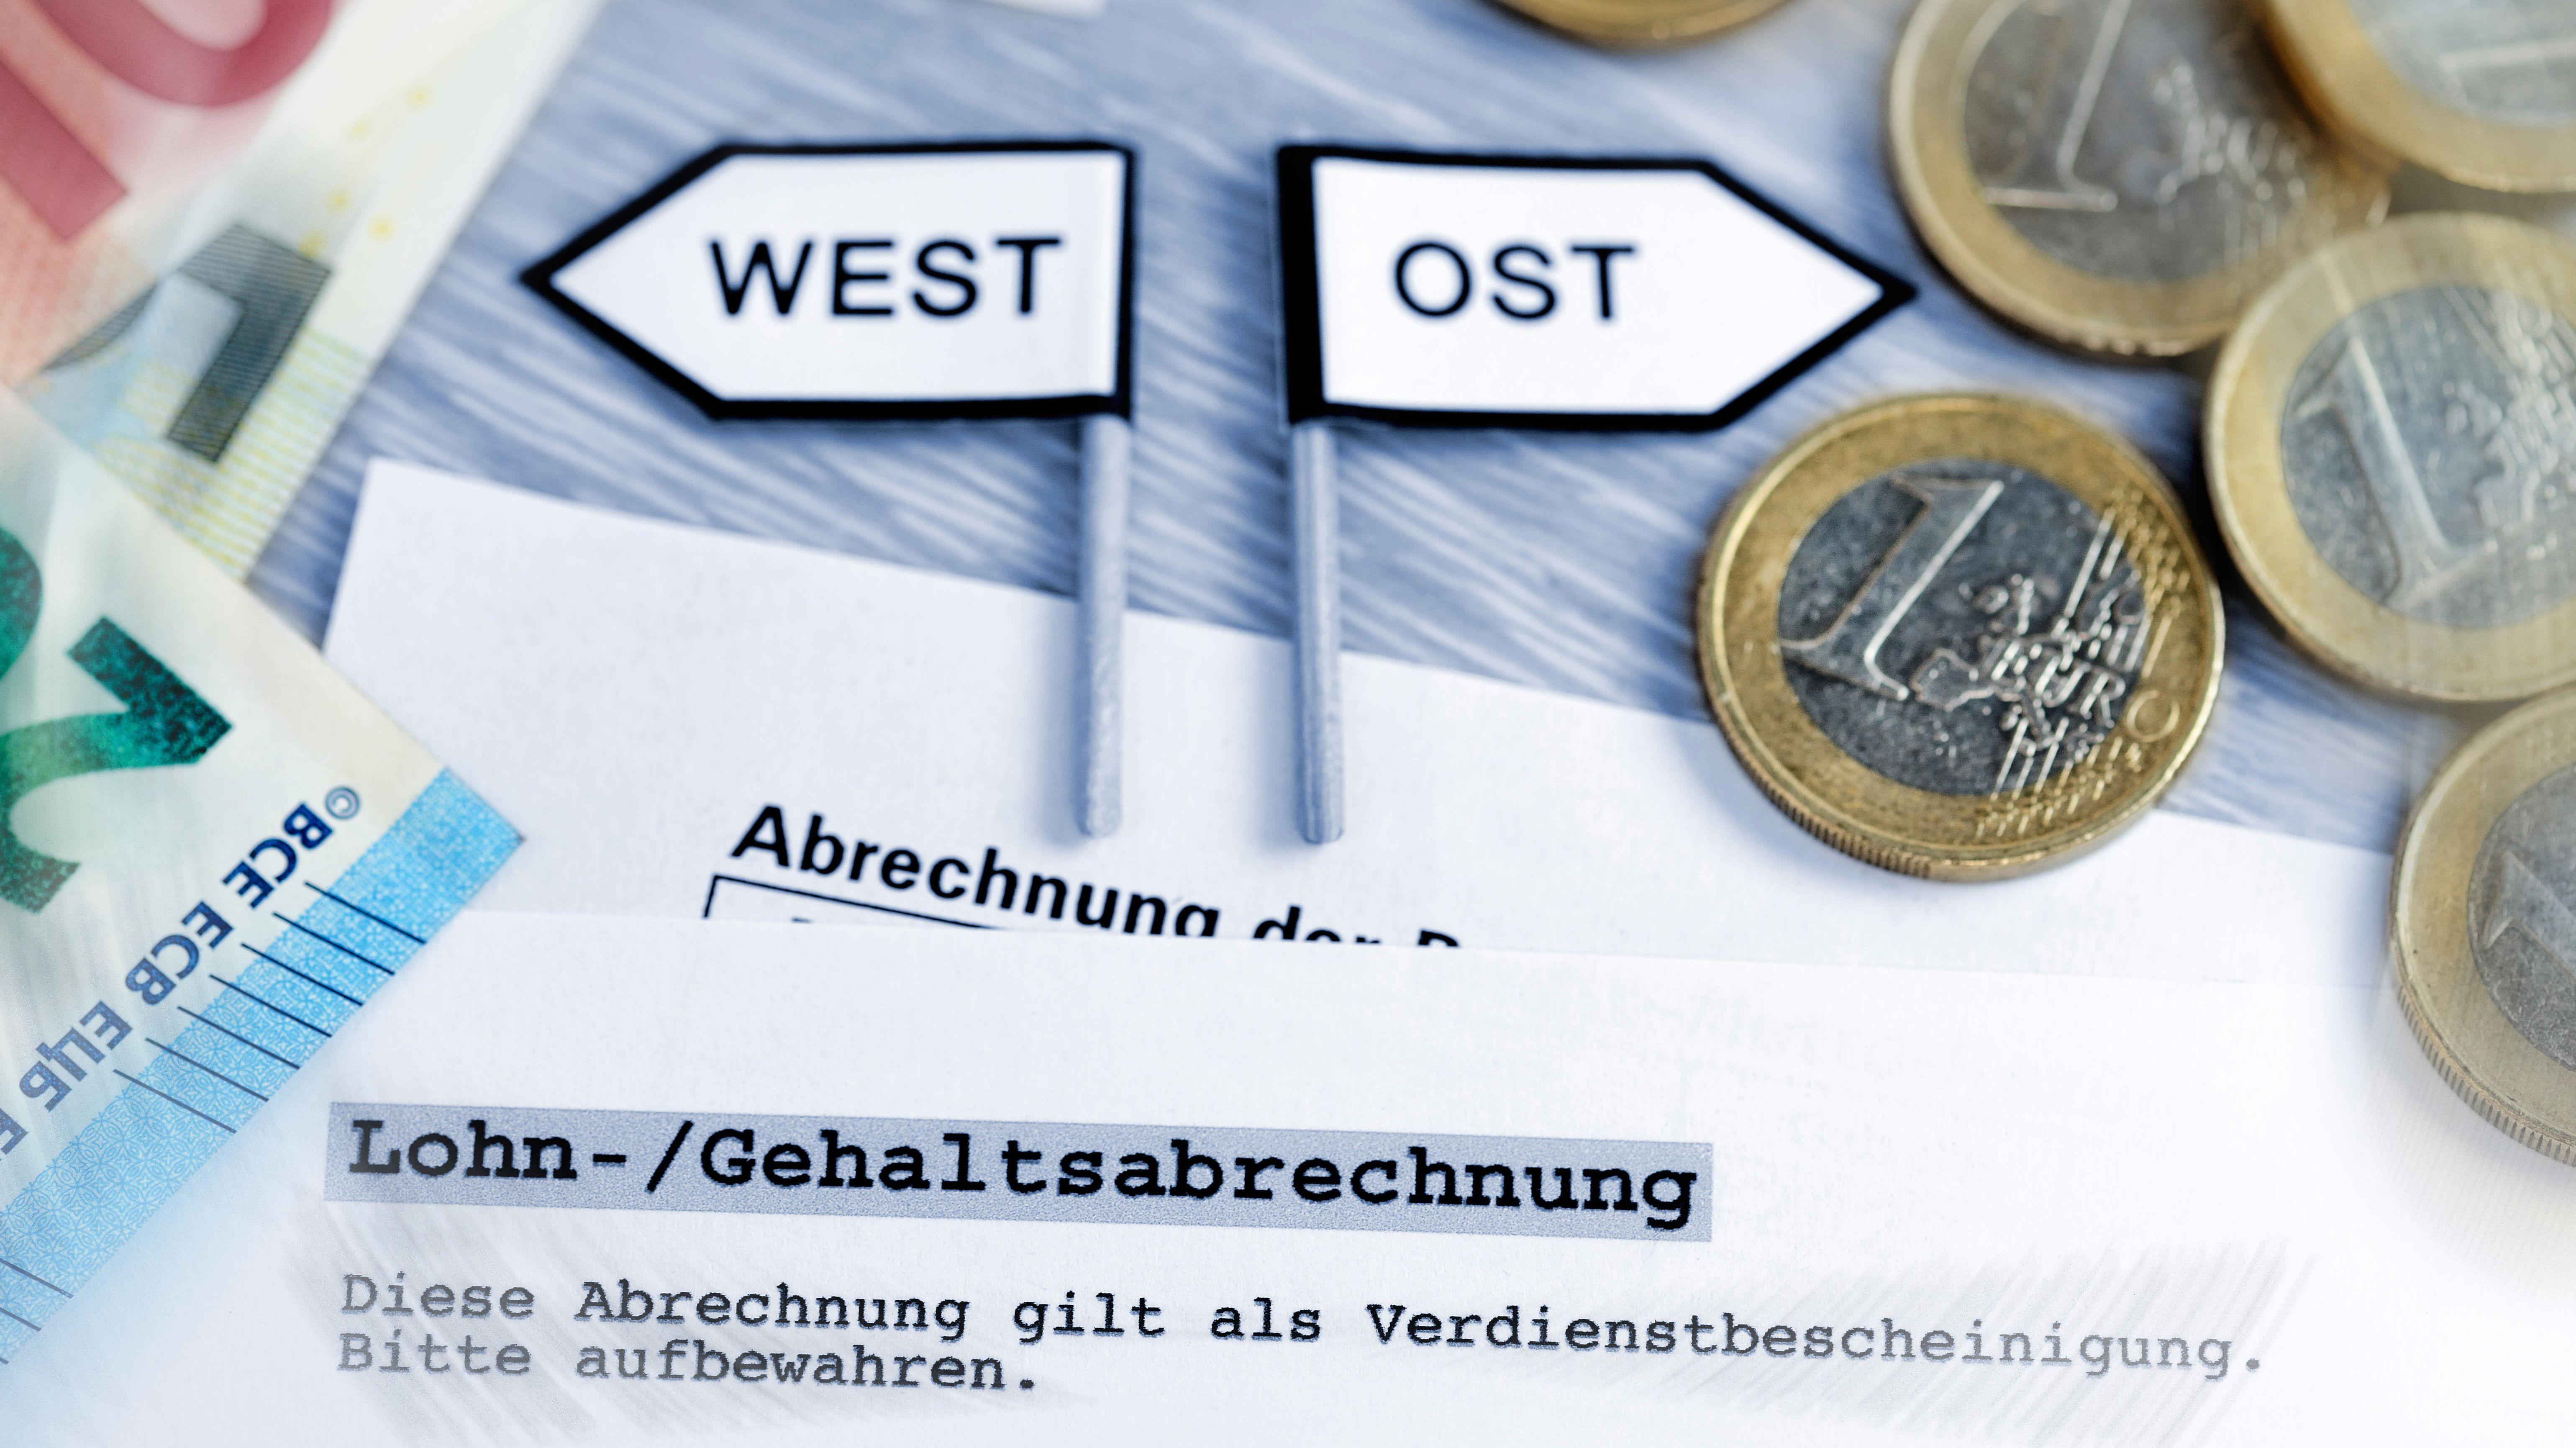 Wegweiser West und Ost mit Geldscheinen und Geldmünzen